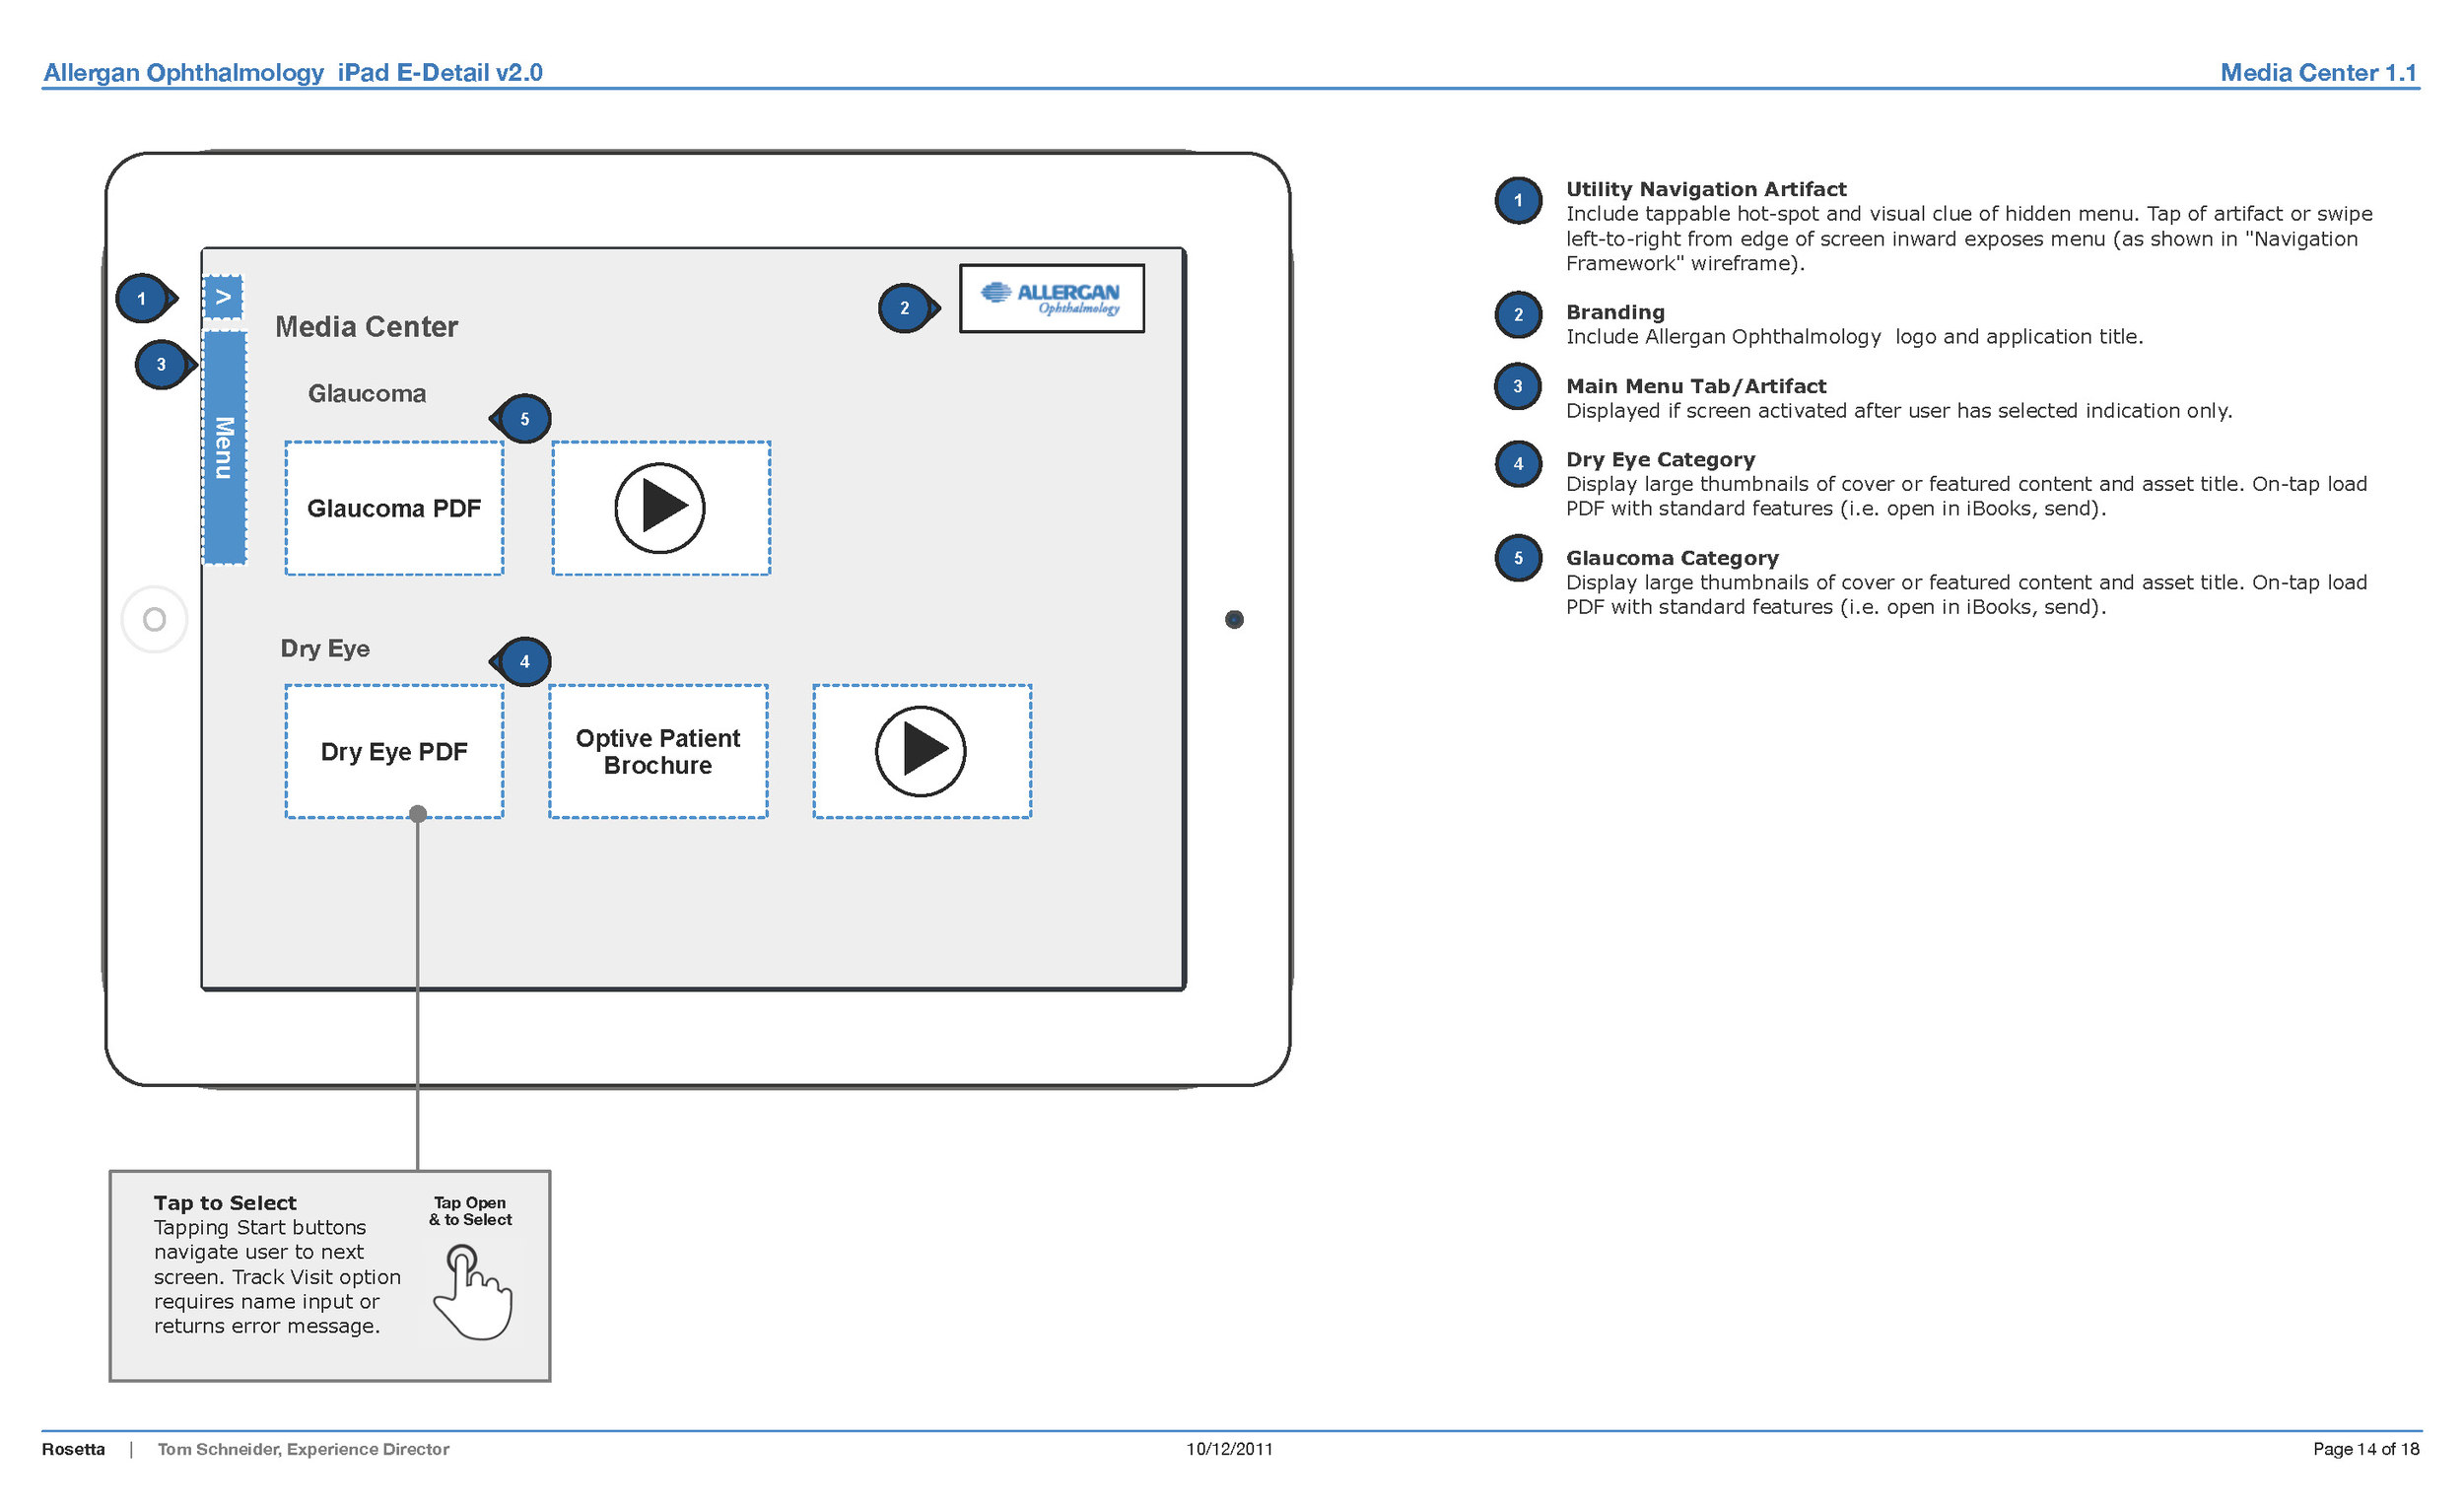 Allergan-iPad-App-v2.0_Page_14.jpg